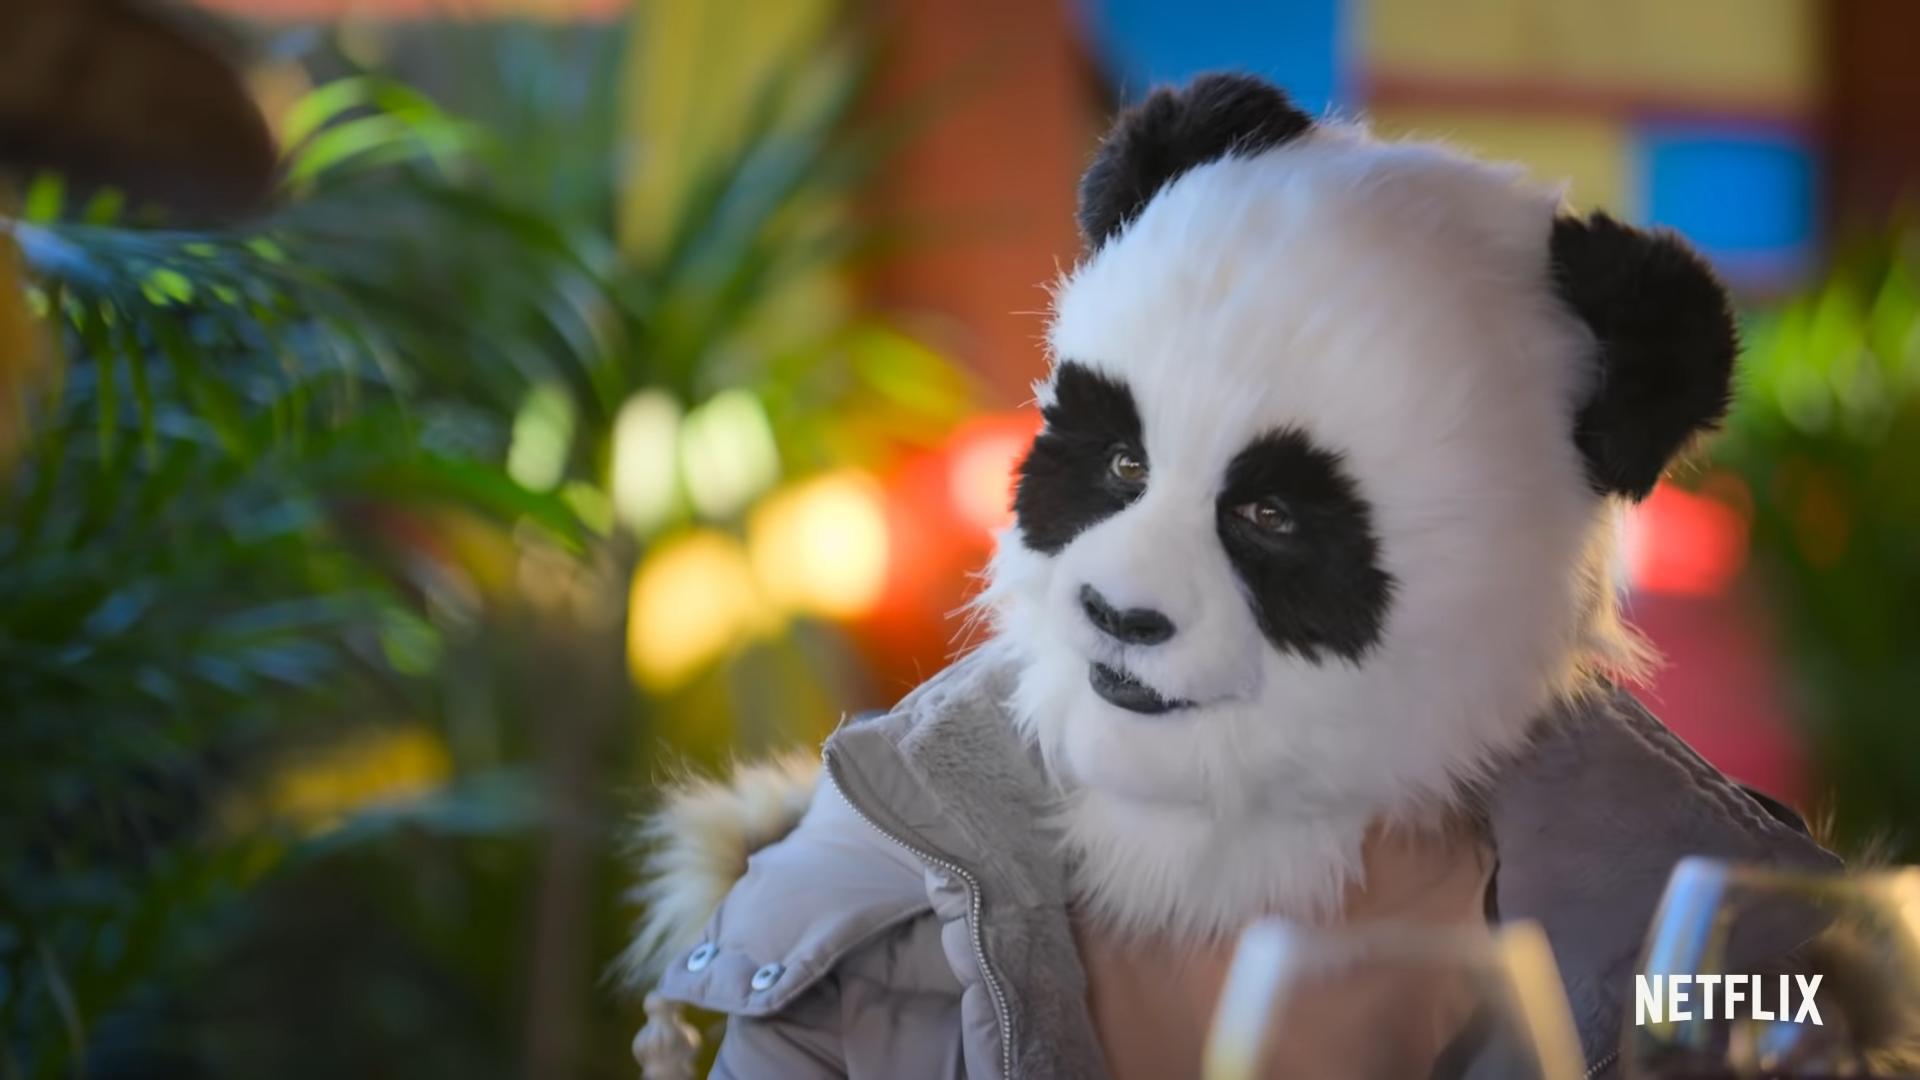 panda lady